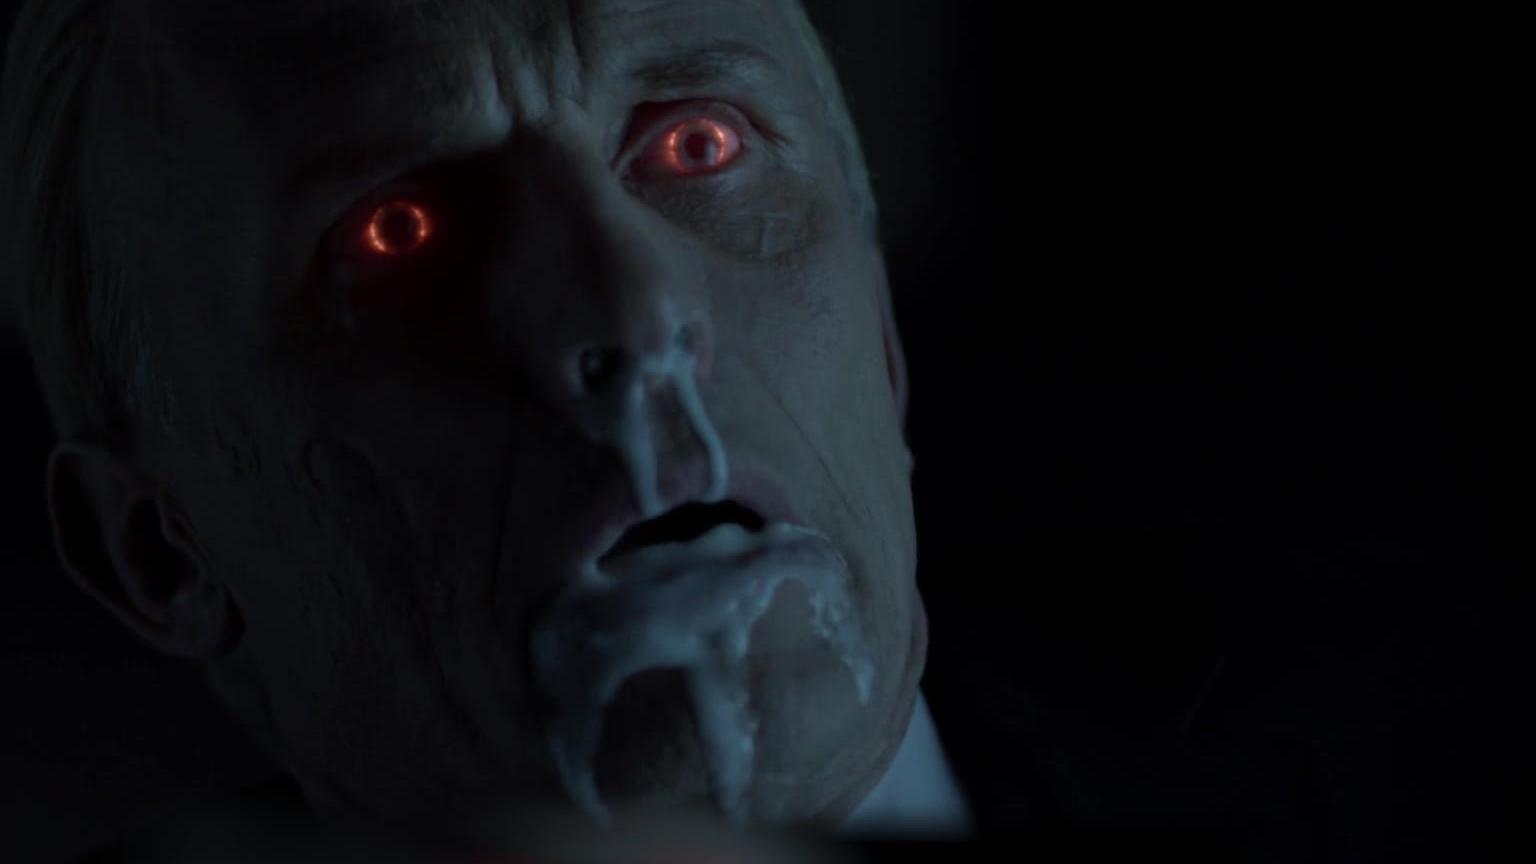 重口味吸血鬼题材美剧《血族》第4季,人类怎样反抗血族统治下的极权政府-4